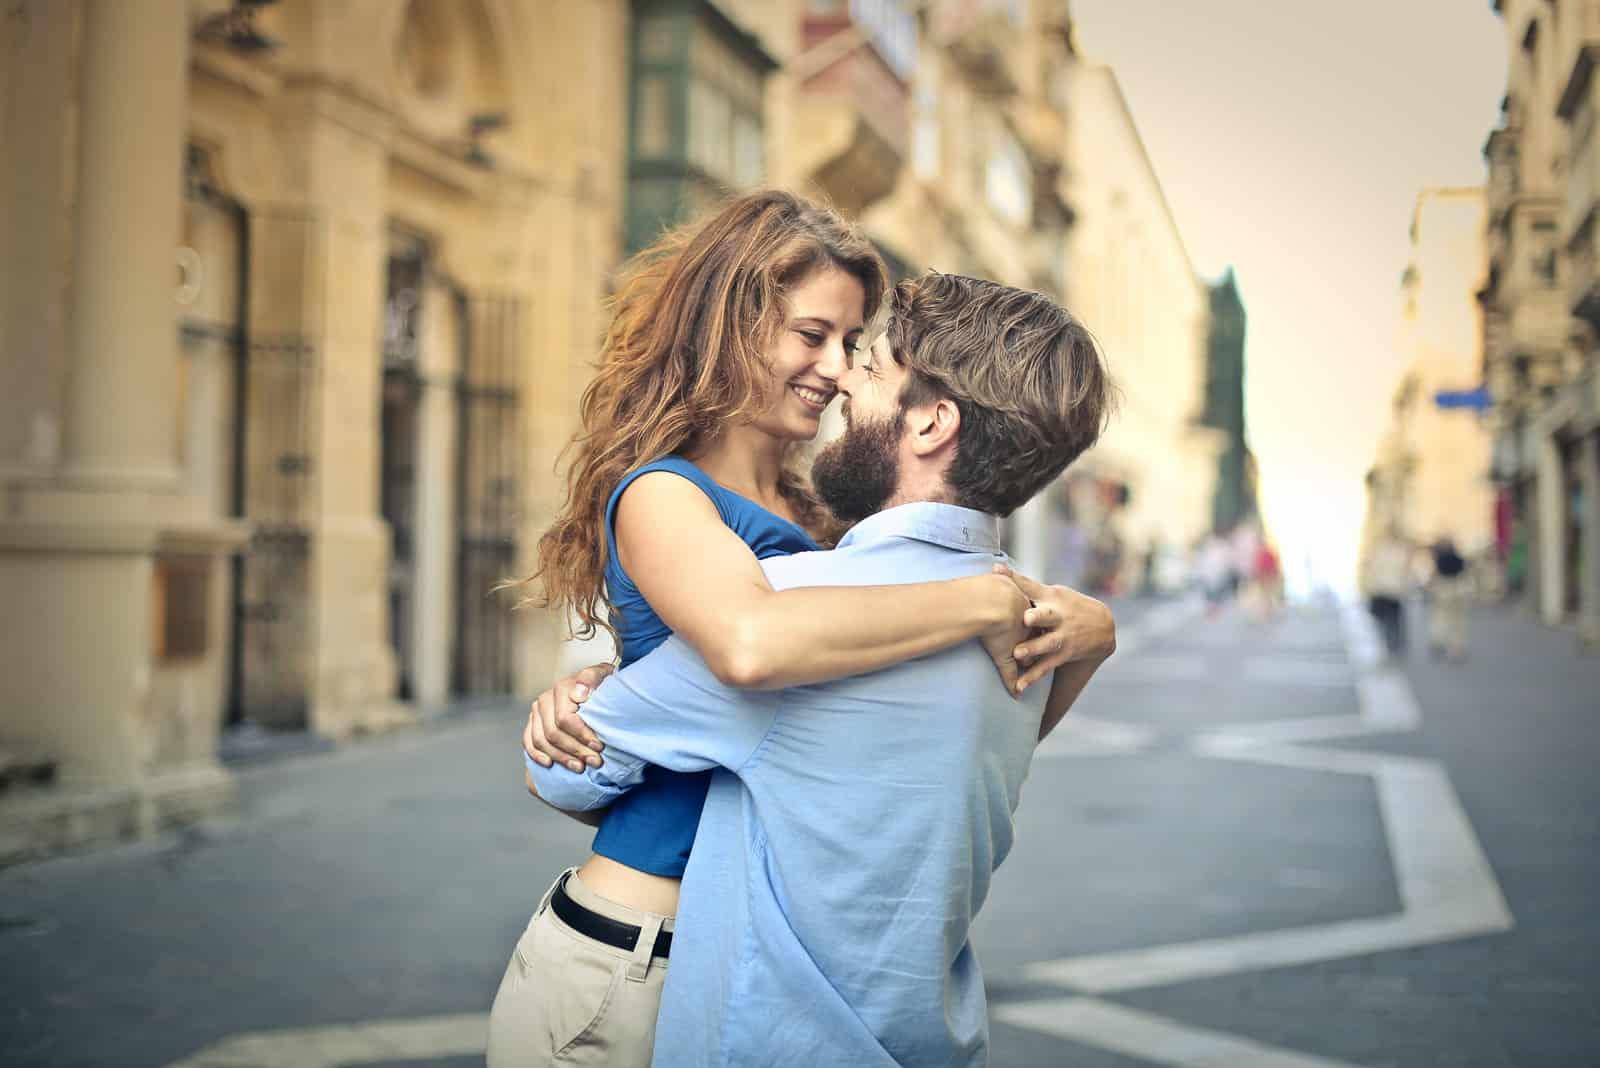 ein Mann in einer Umarmung trägt eine Frau und lacht